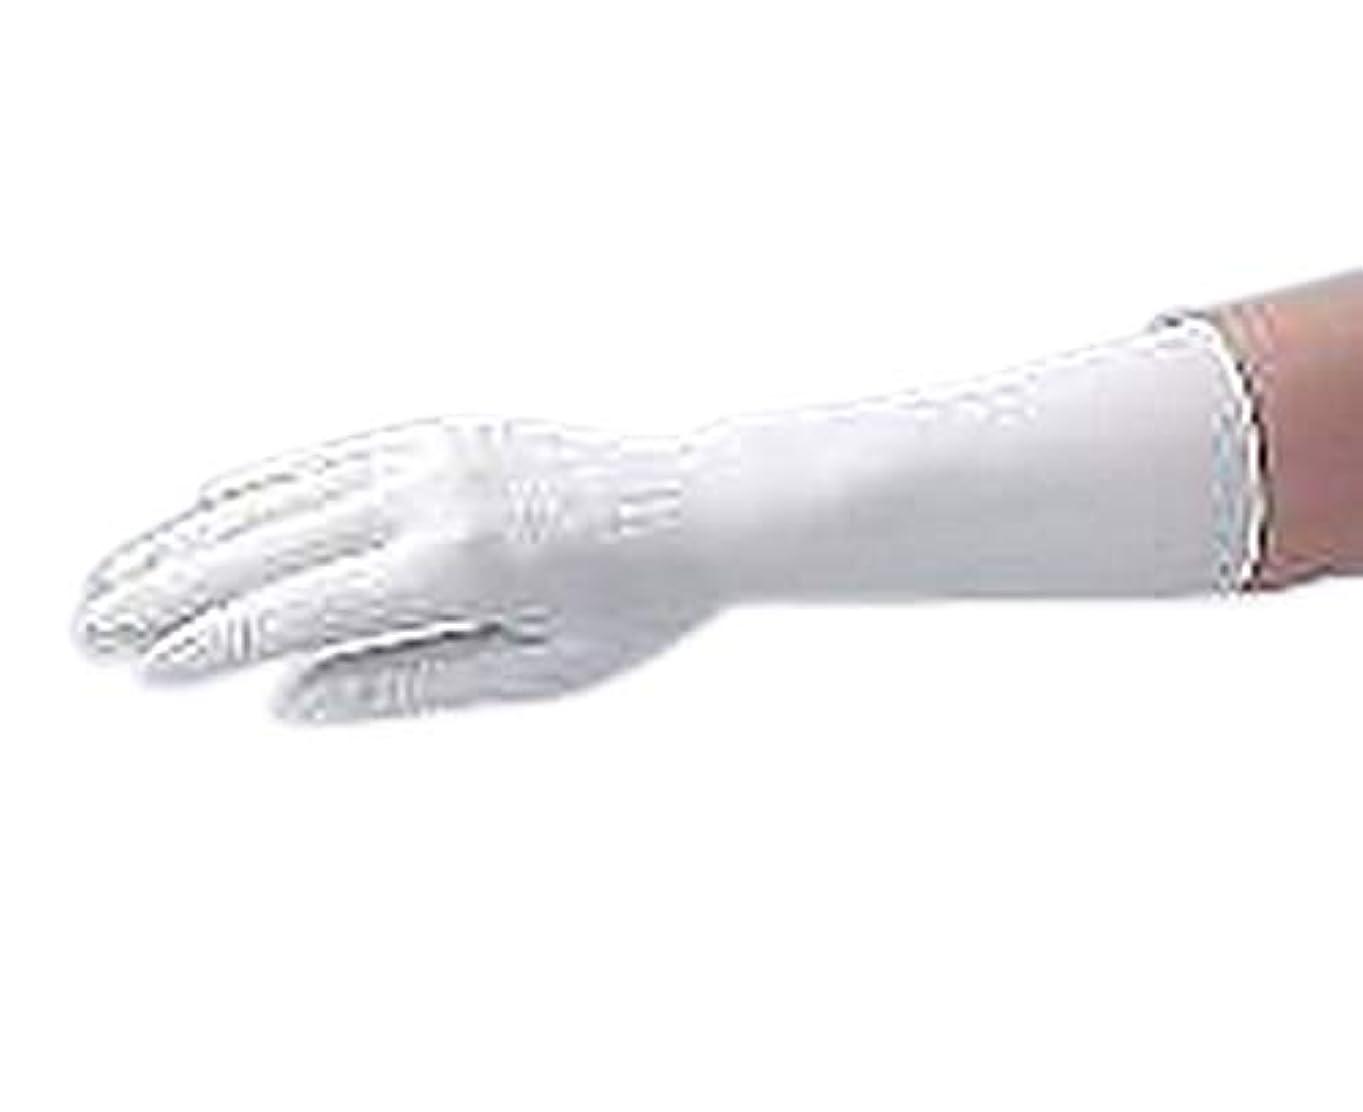 ゴシップデコレーションノミネートアズワン アズピュア クリーンノール ニトリル手袋(ペアタイプ) XL 左右各100枚×5袋入 /1-2323-55